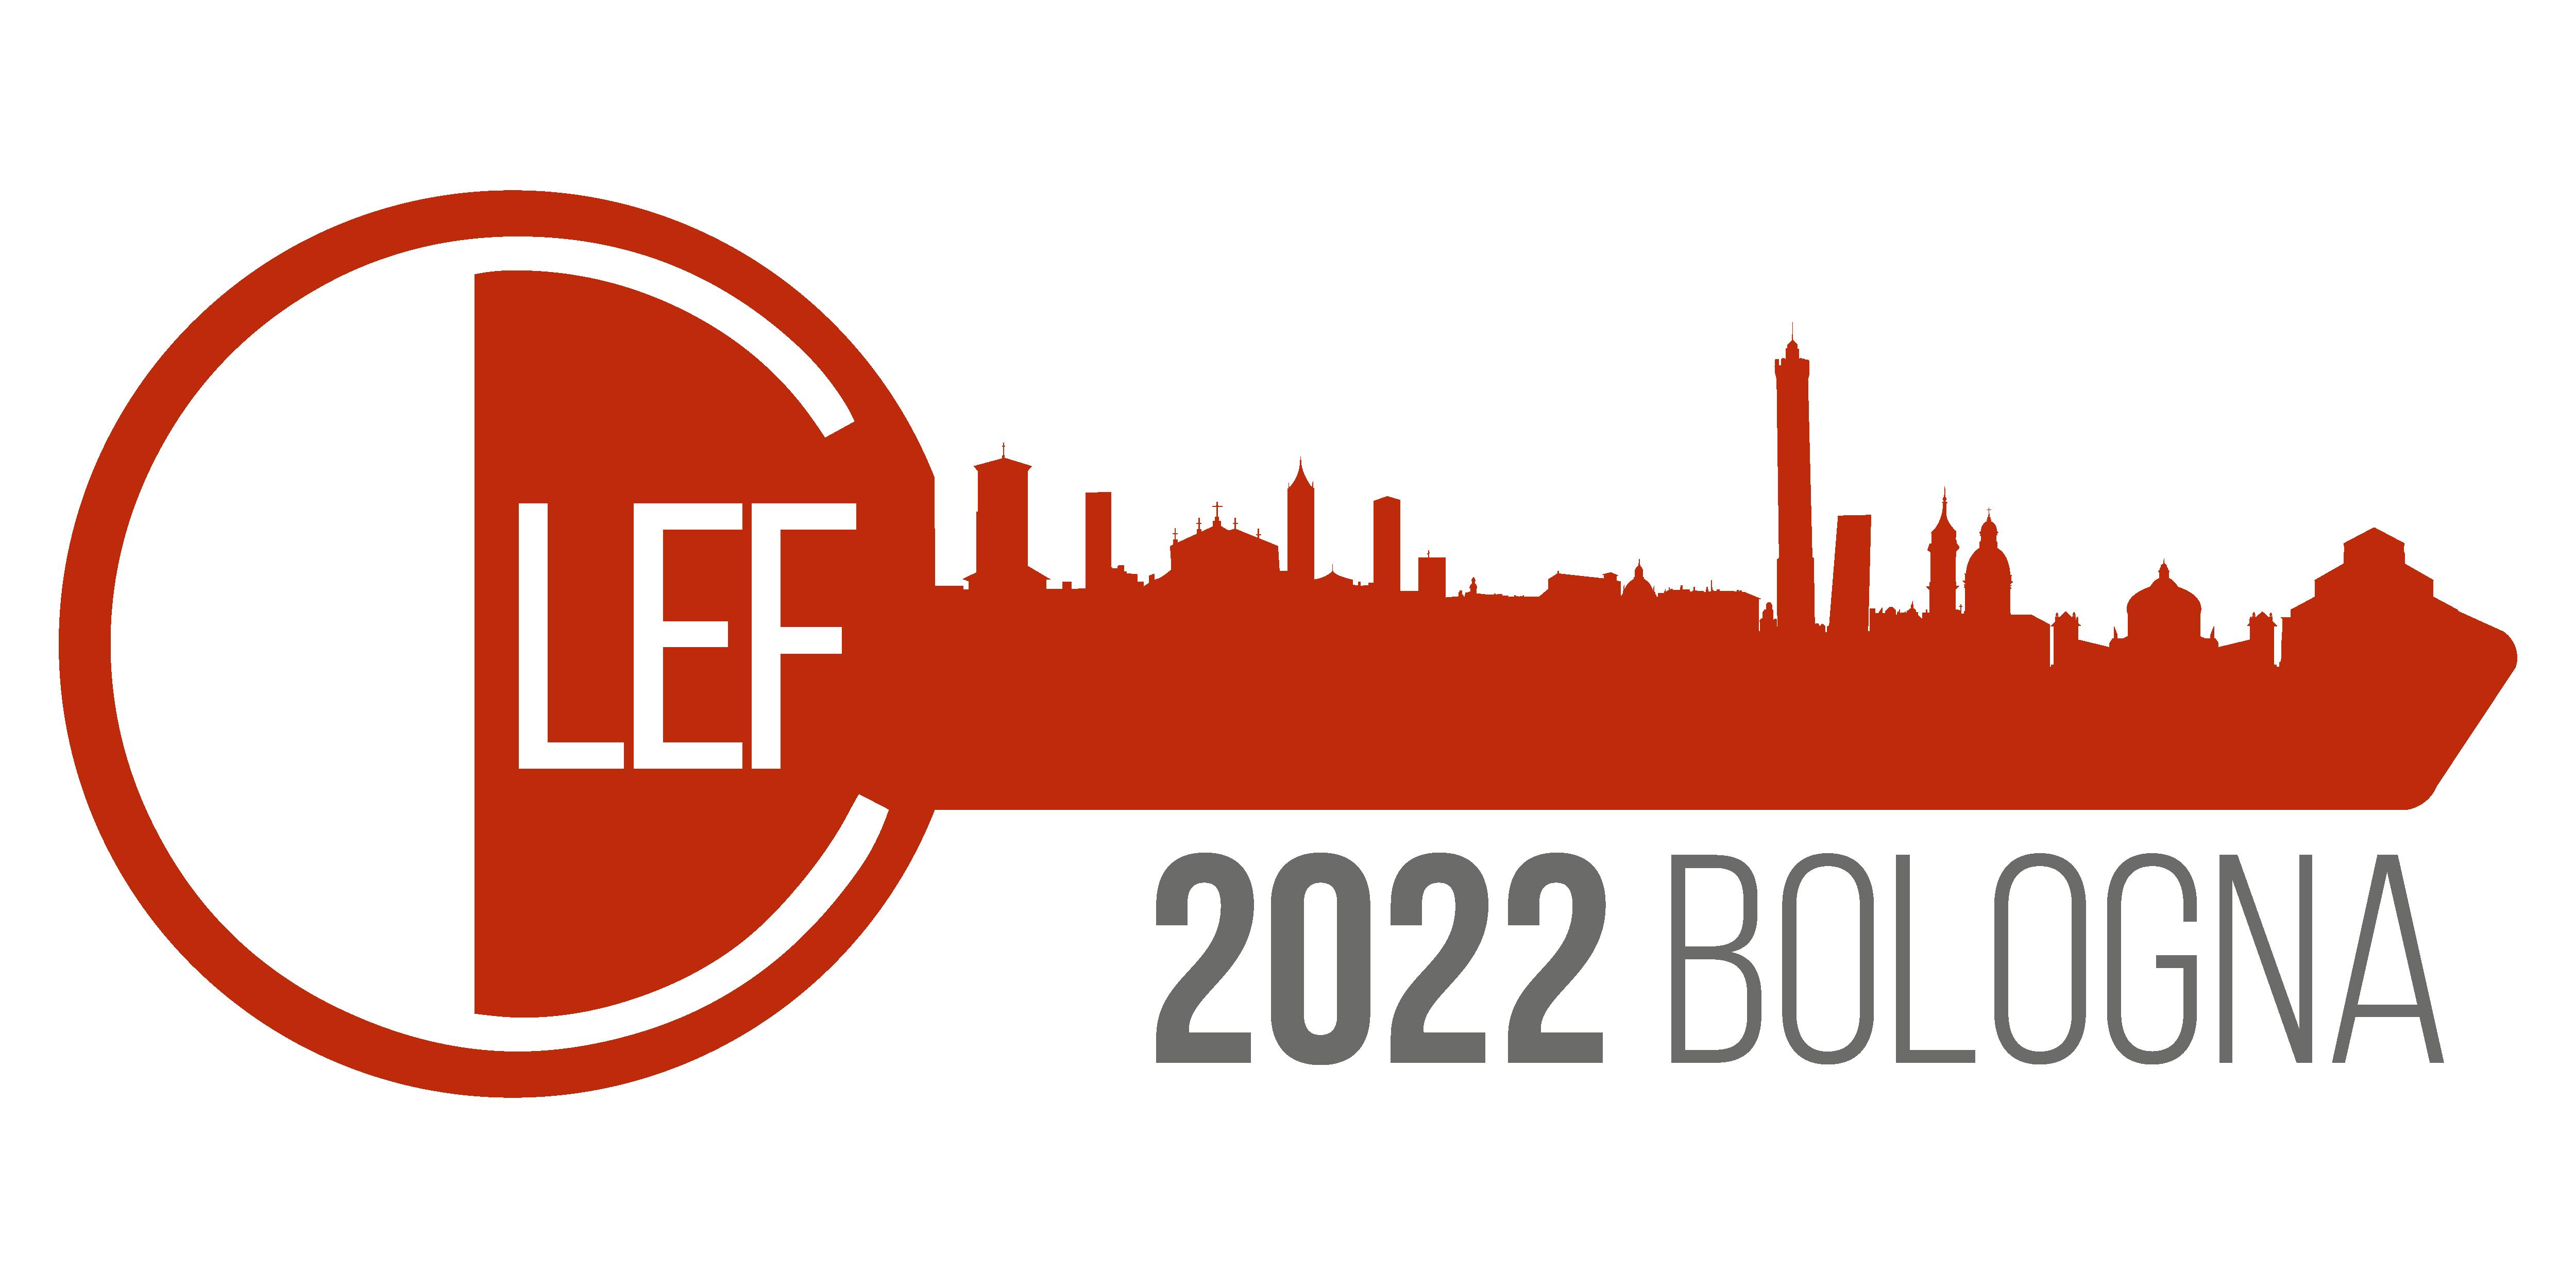 CLEF 2022 logo